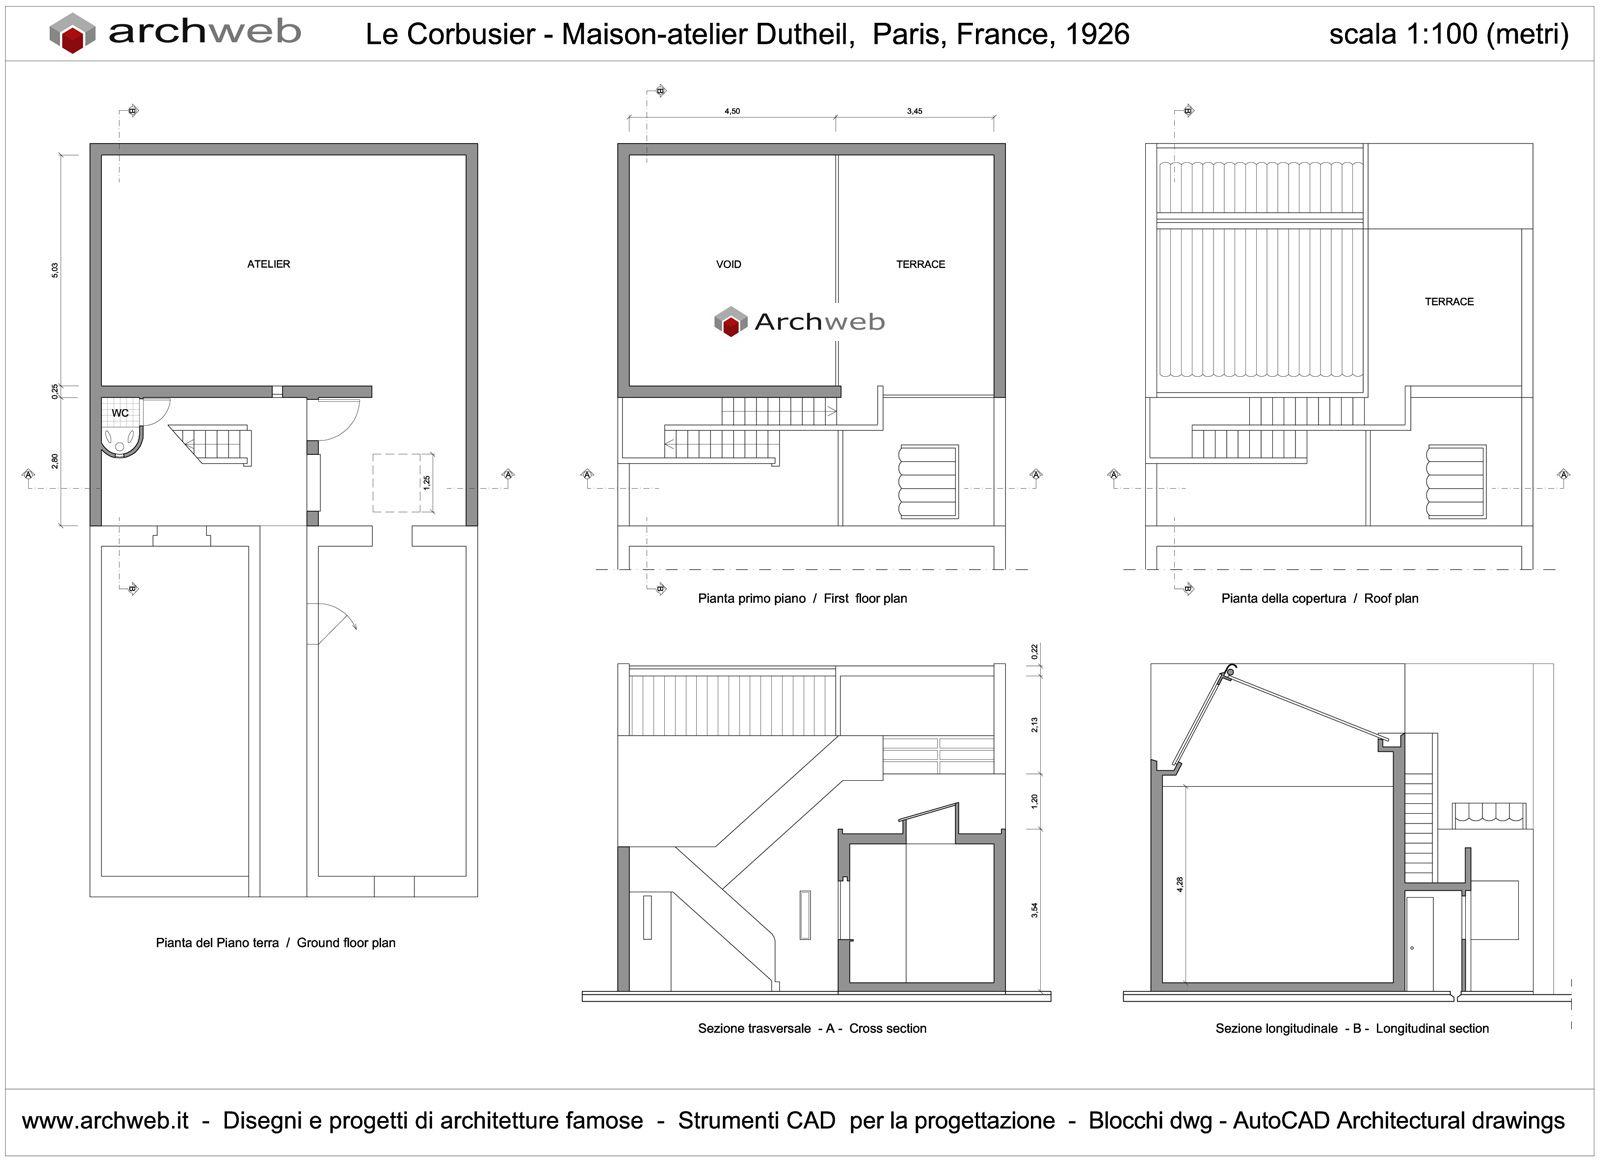 Maison atelier dutheil paris france 1926 le corbusier archweb 2d